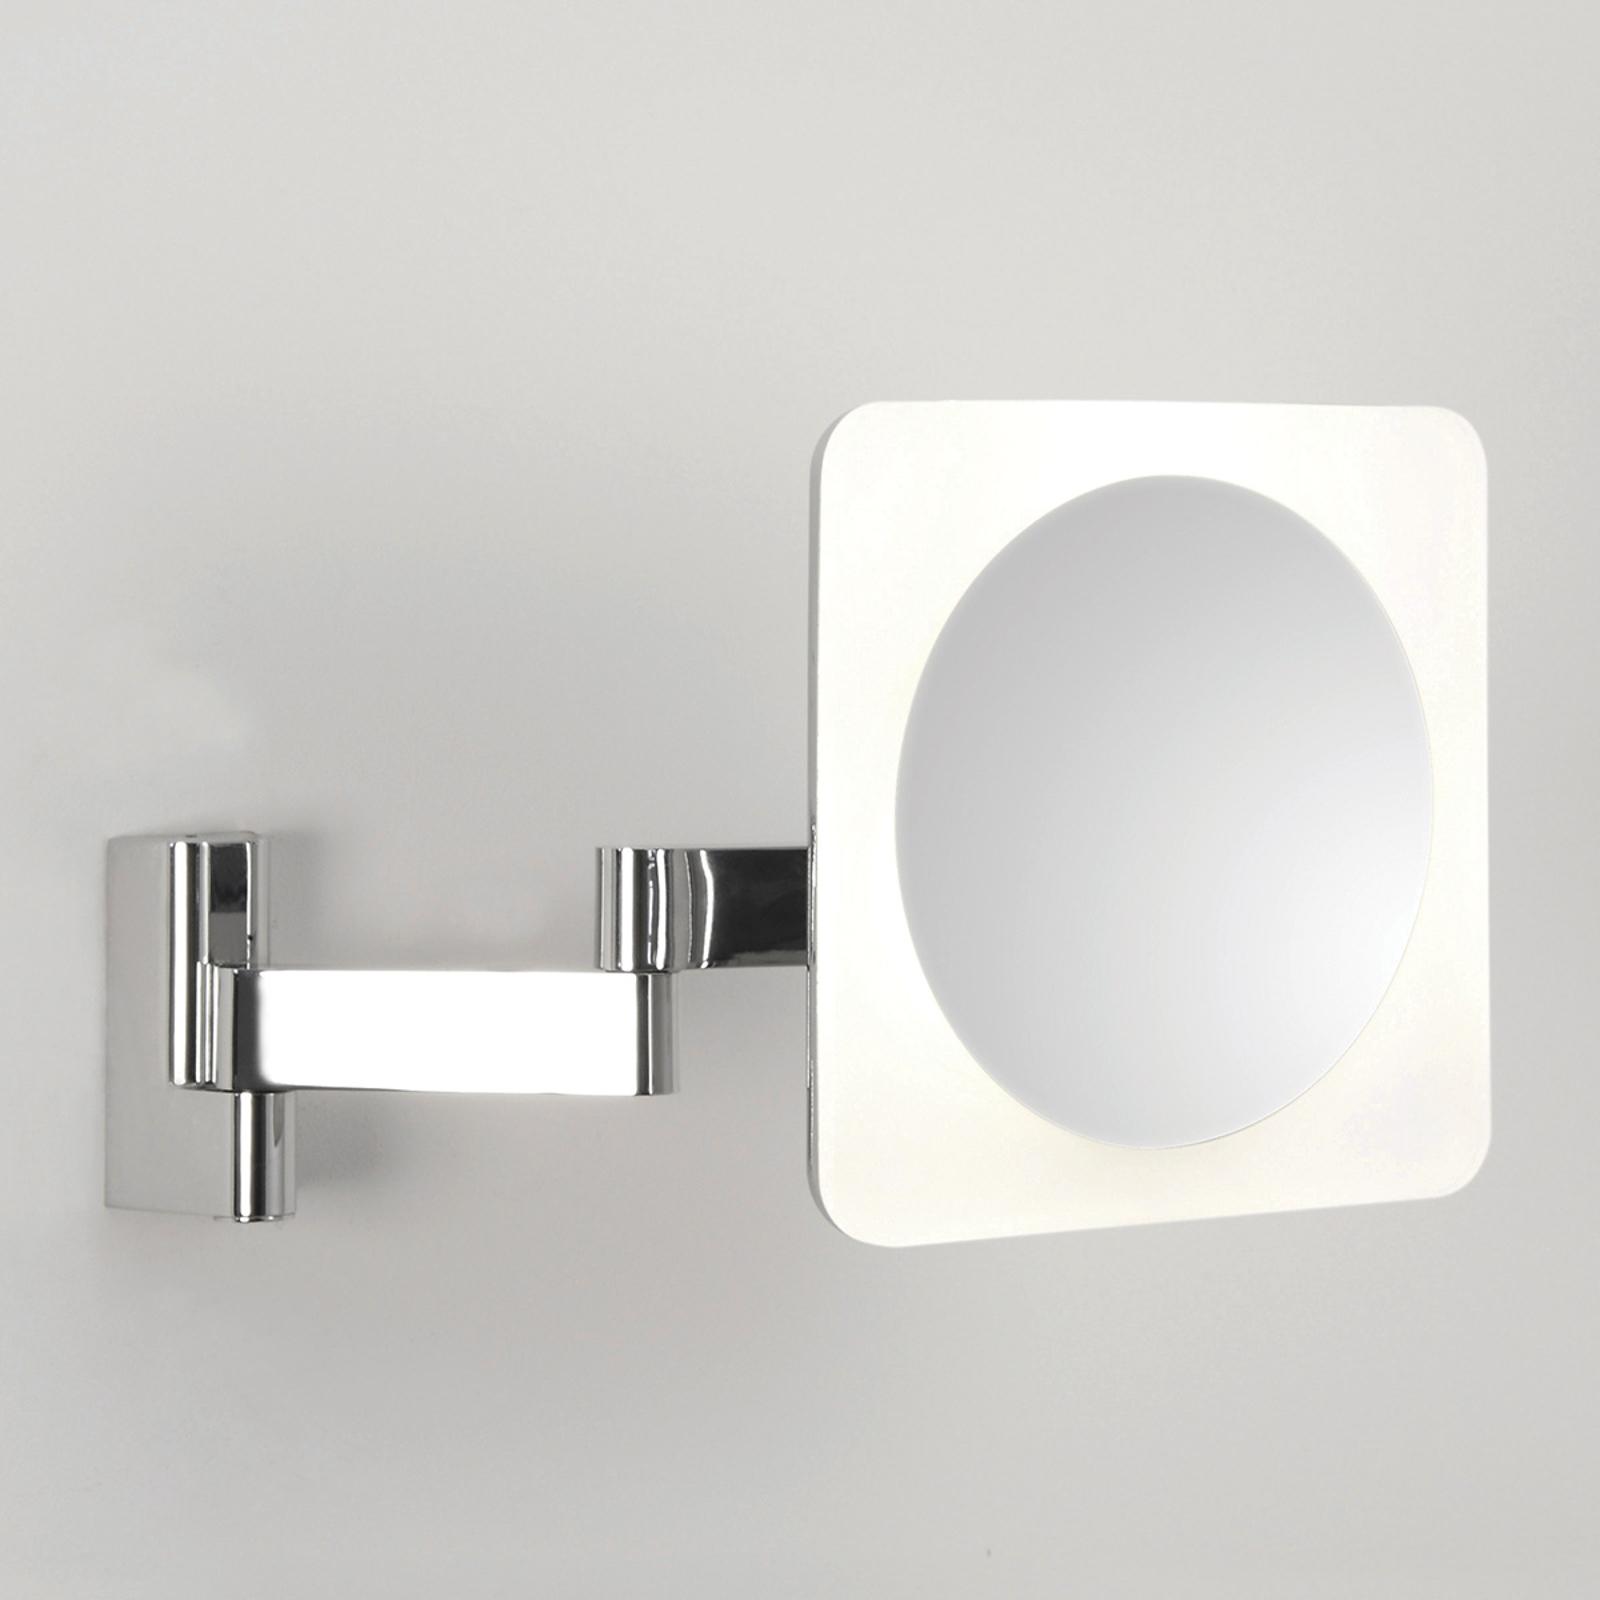 Espejo LED Niimi Square con aumento de 5x